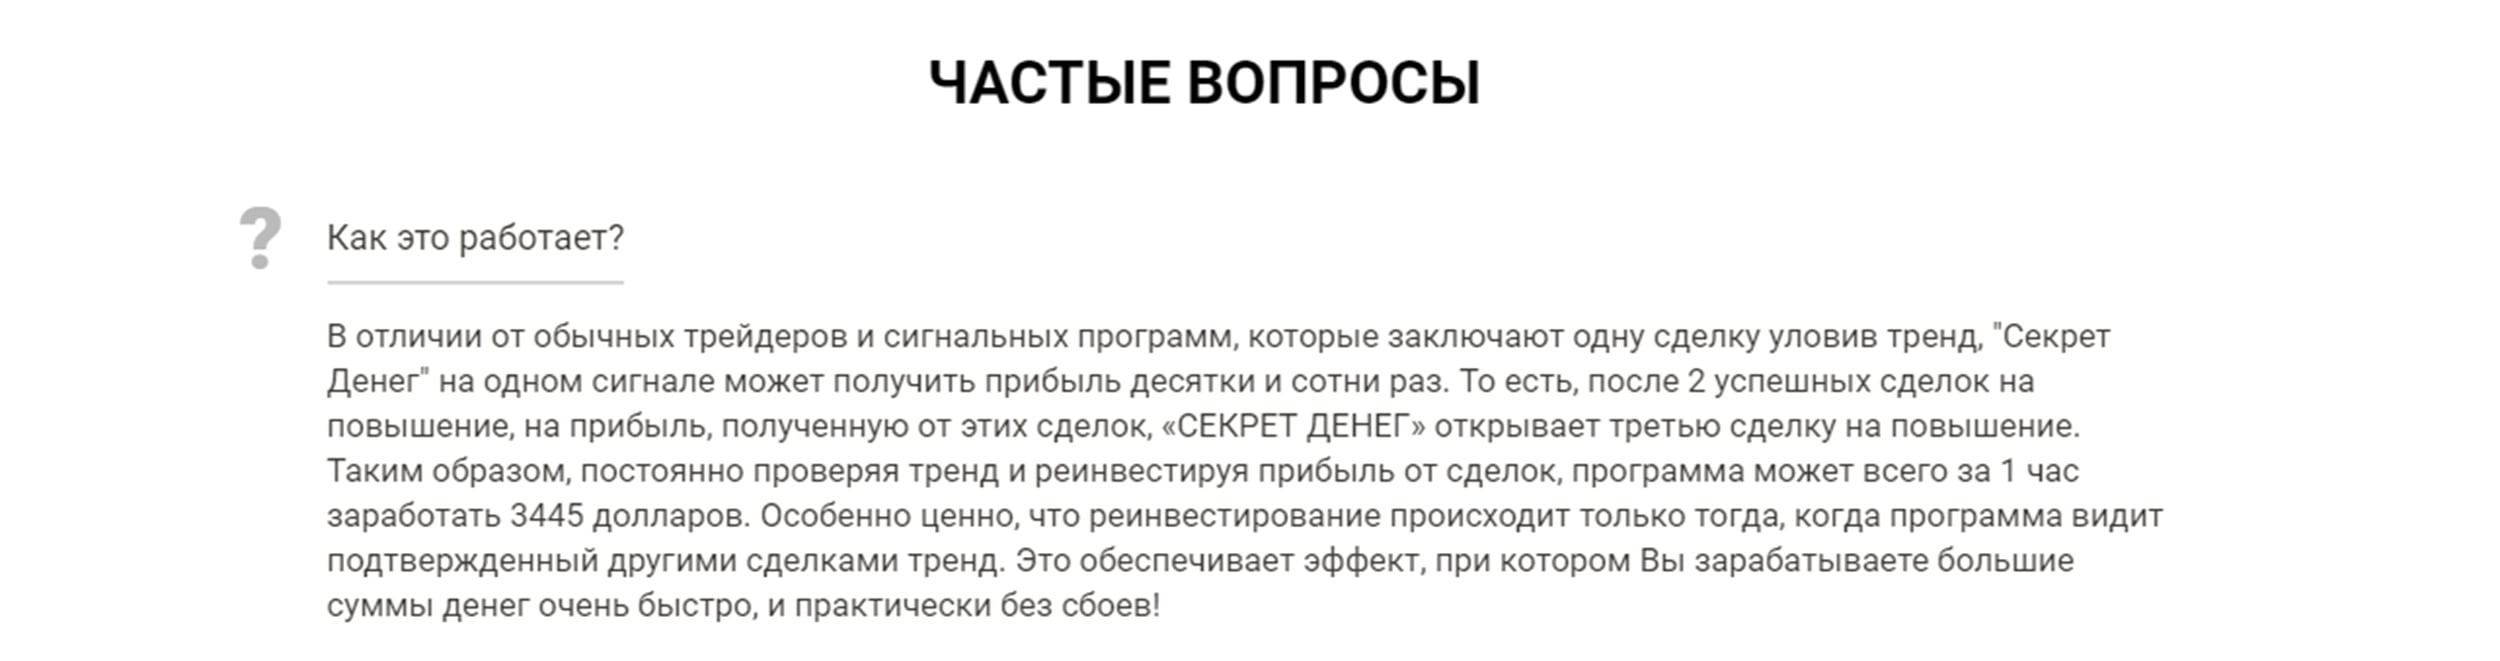 Торговый алгоритм Секрета денег Протасова